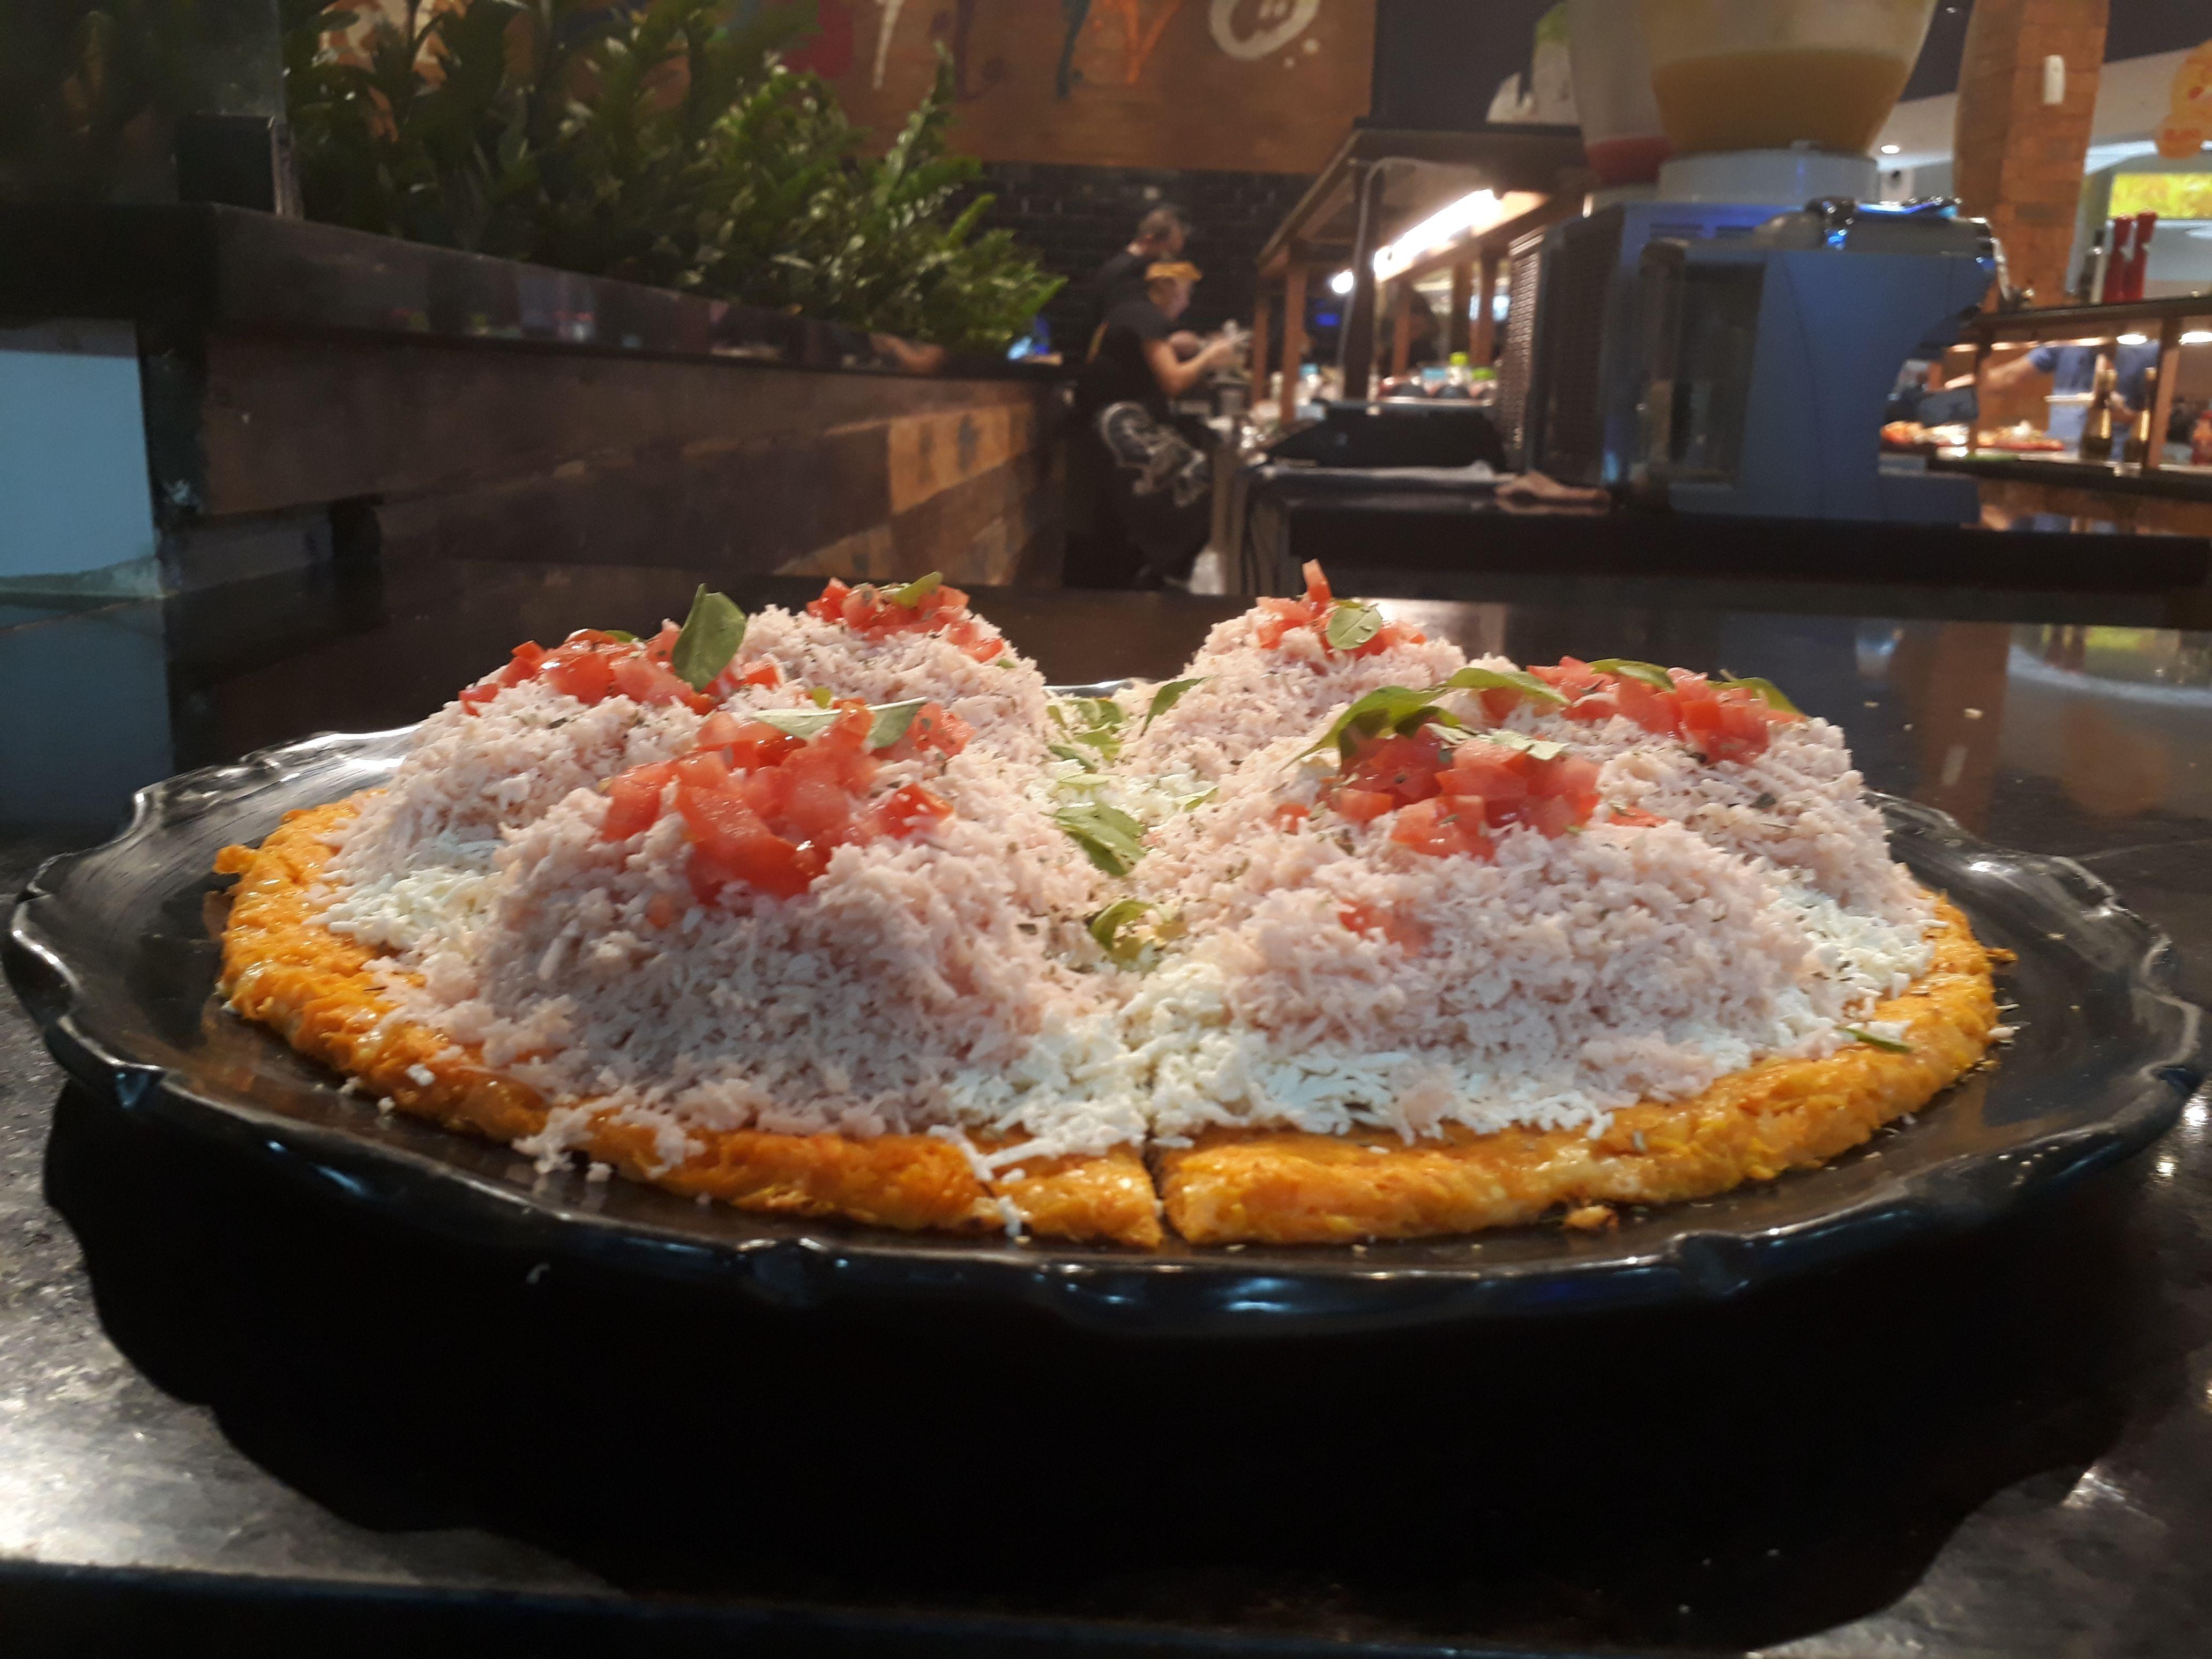 Pizza de cenoura low carb